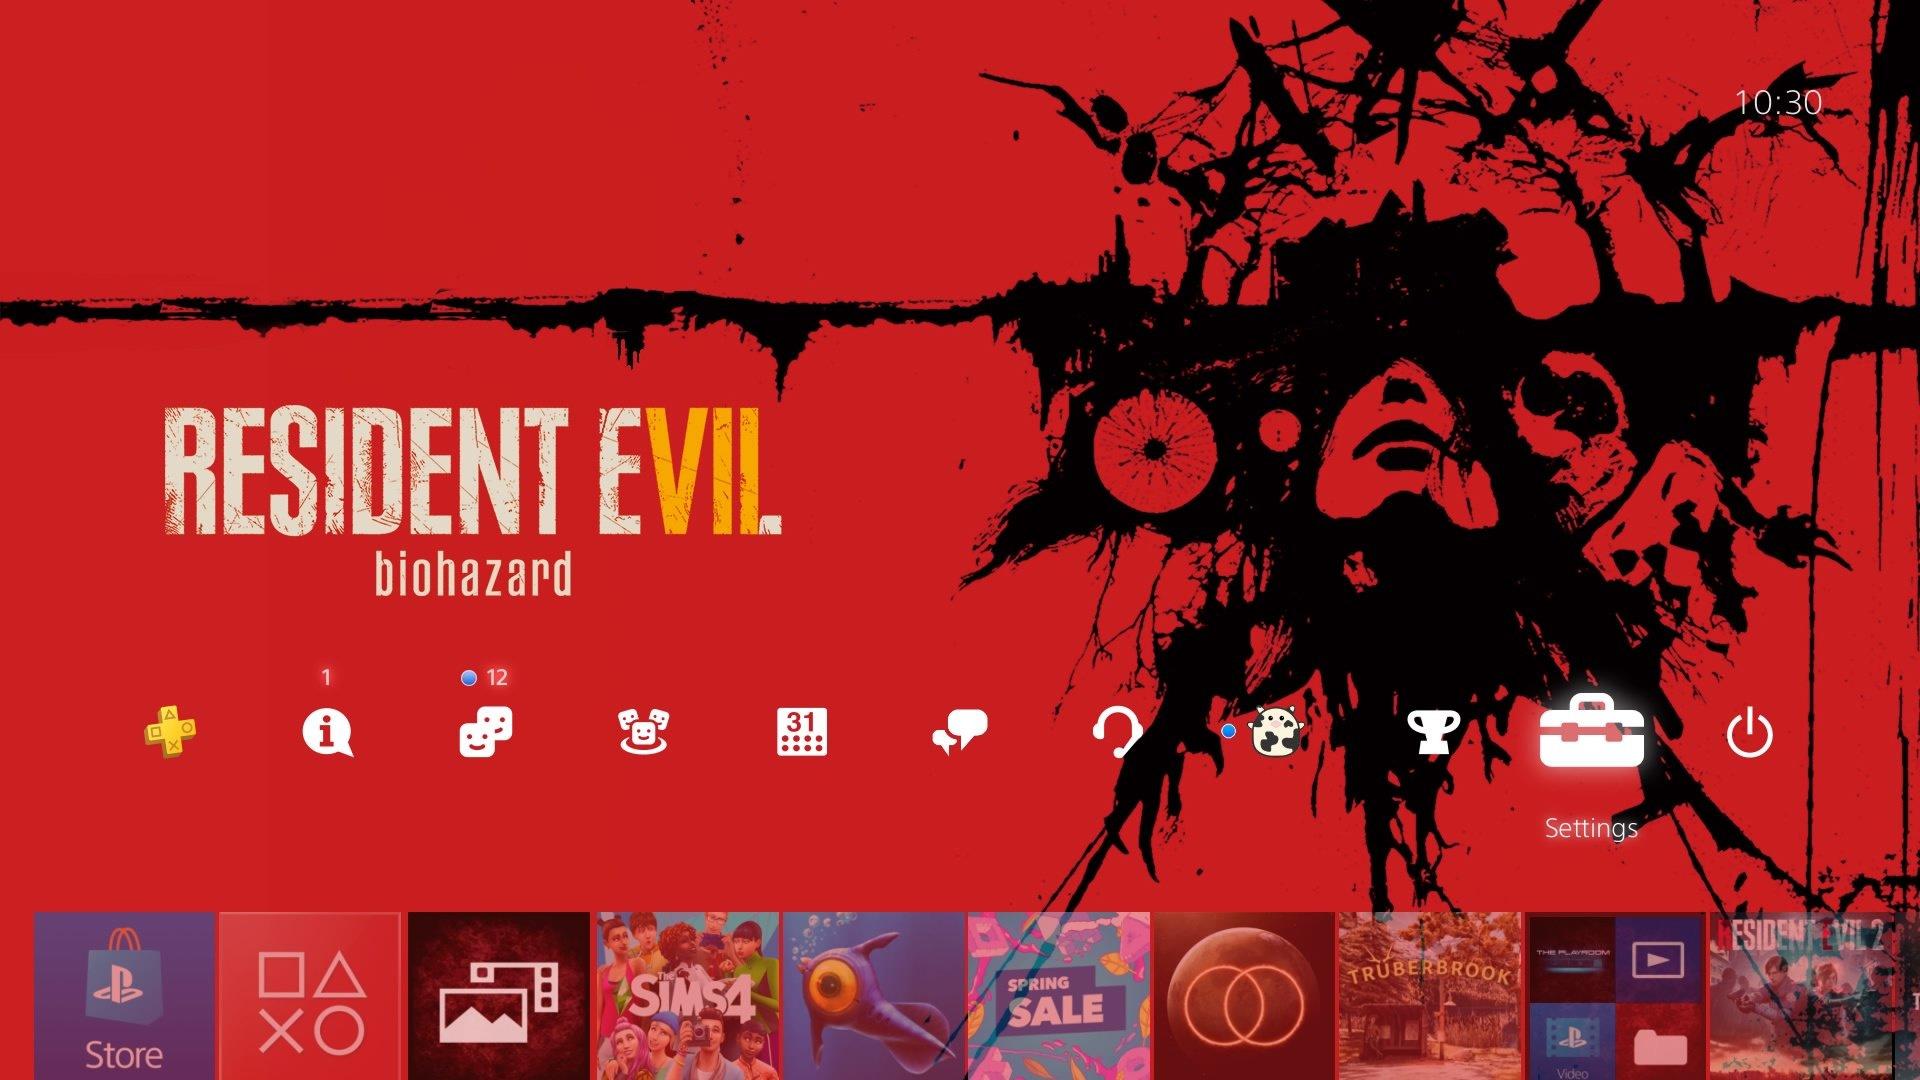 resident evil 7 biohazard theme.original - PlayStation 4 - Guida: i migliori temi gratuiti da scaricare